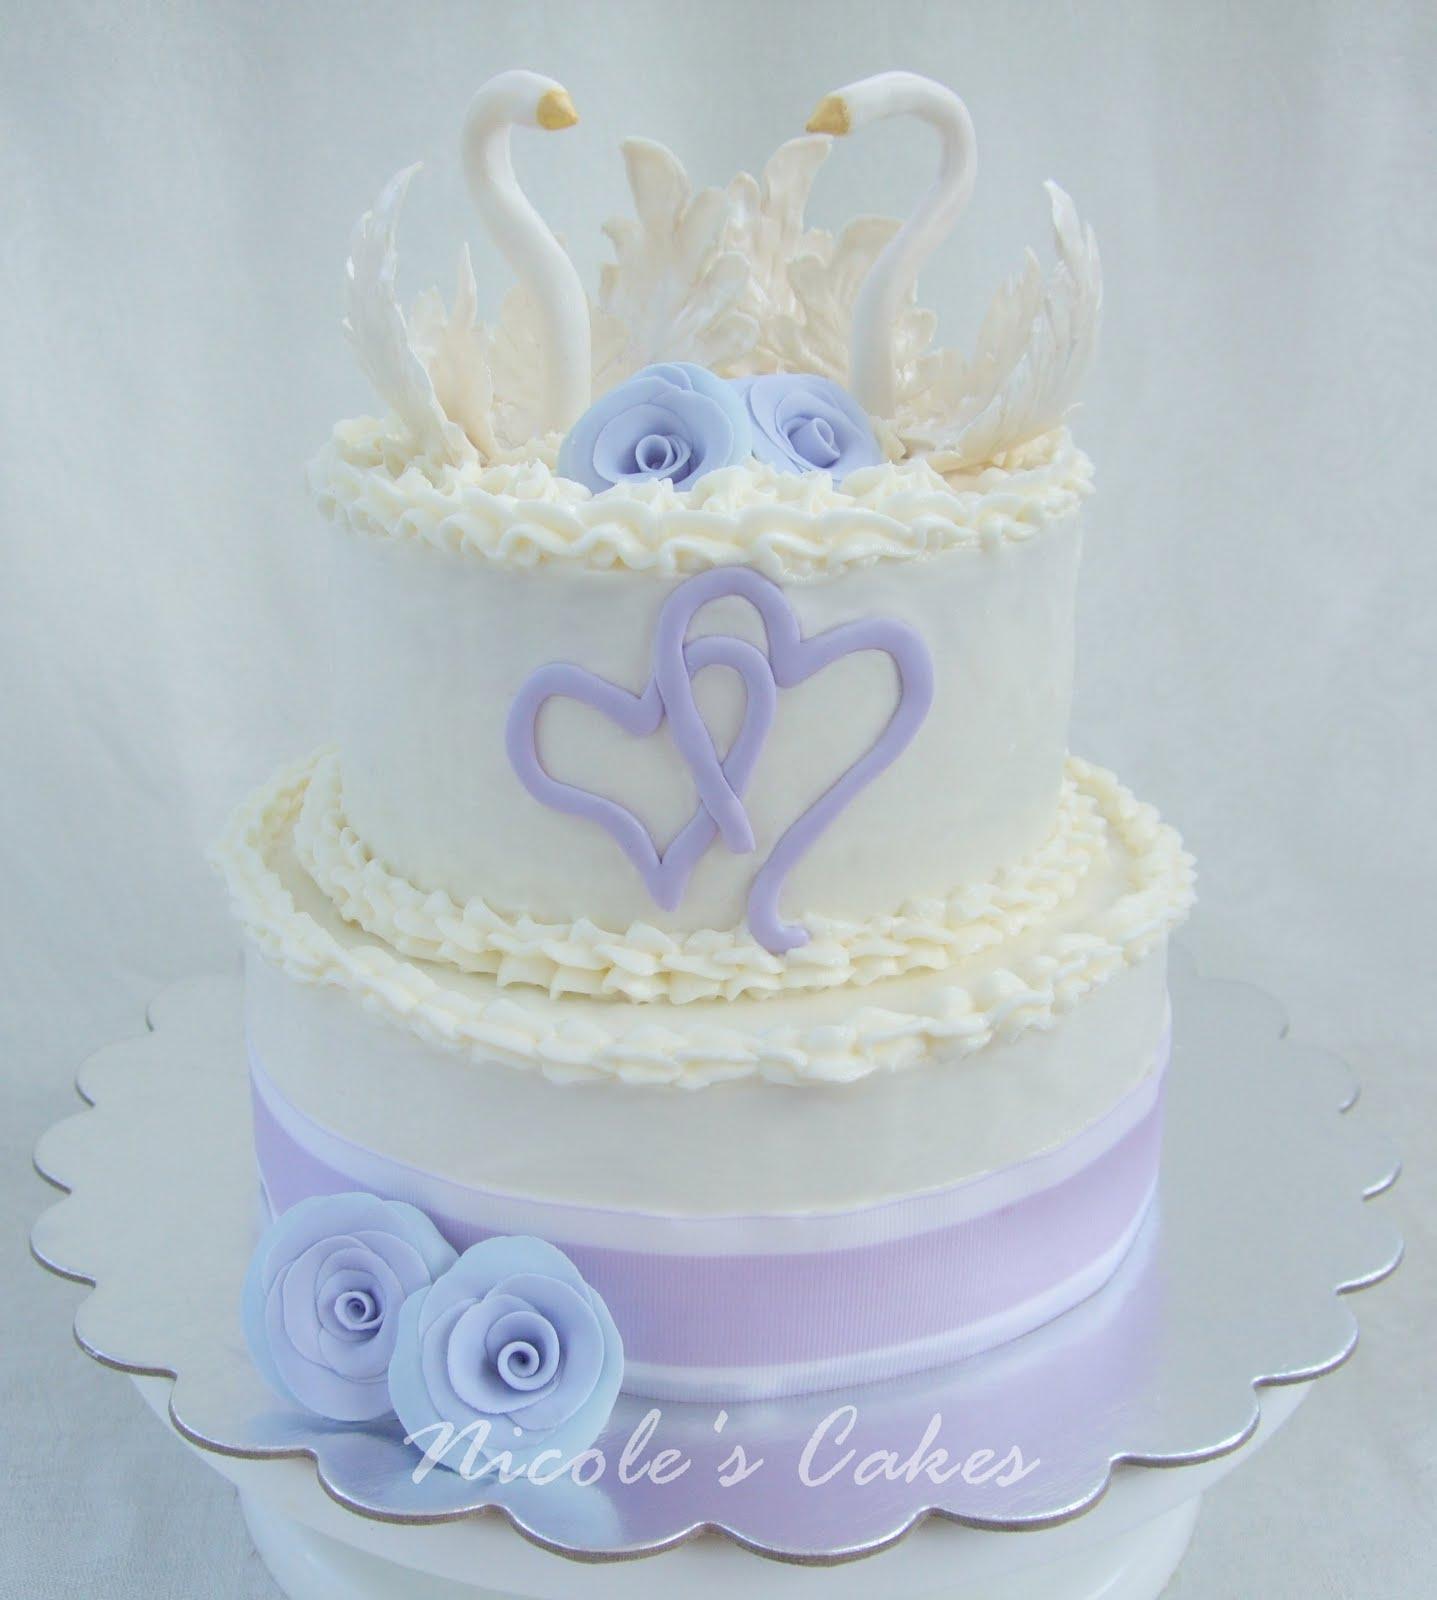 On Birthday Cakes Elegant White Swan Cake